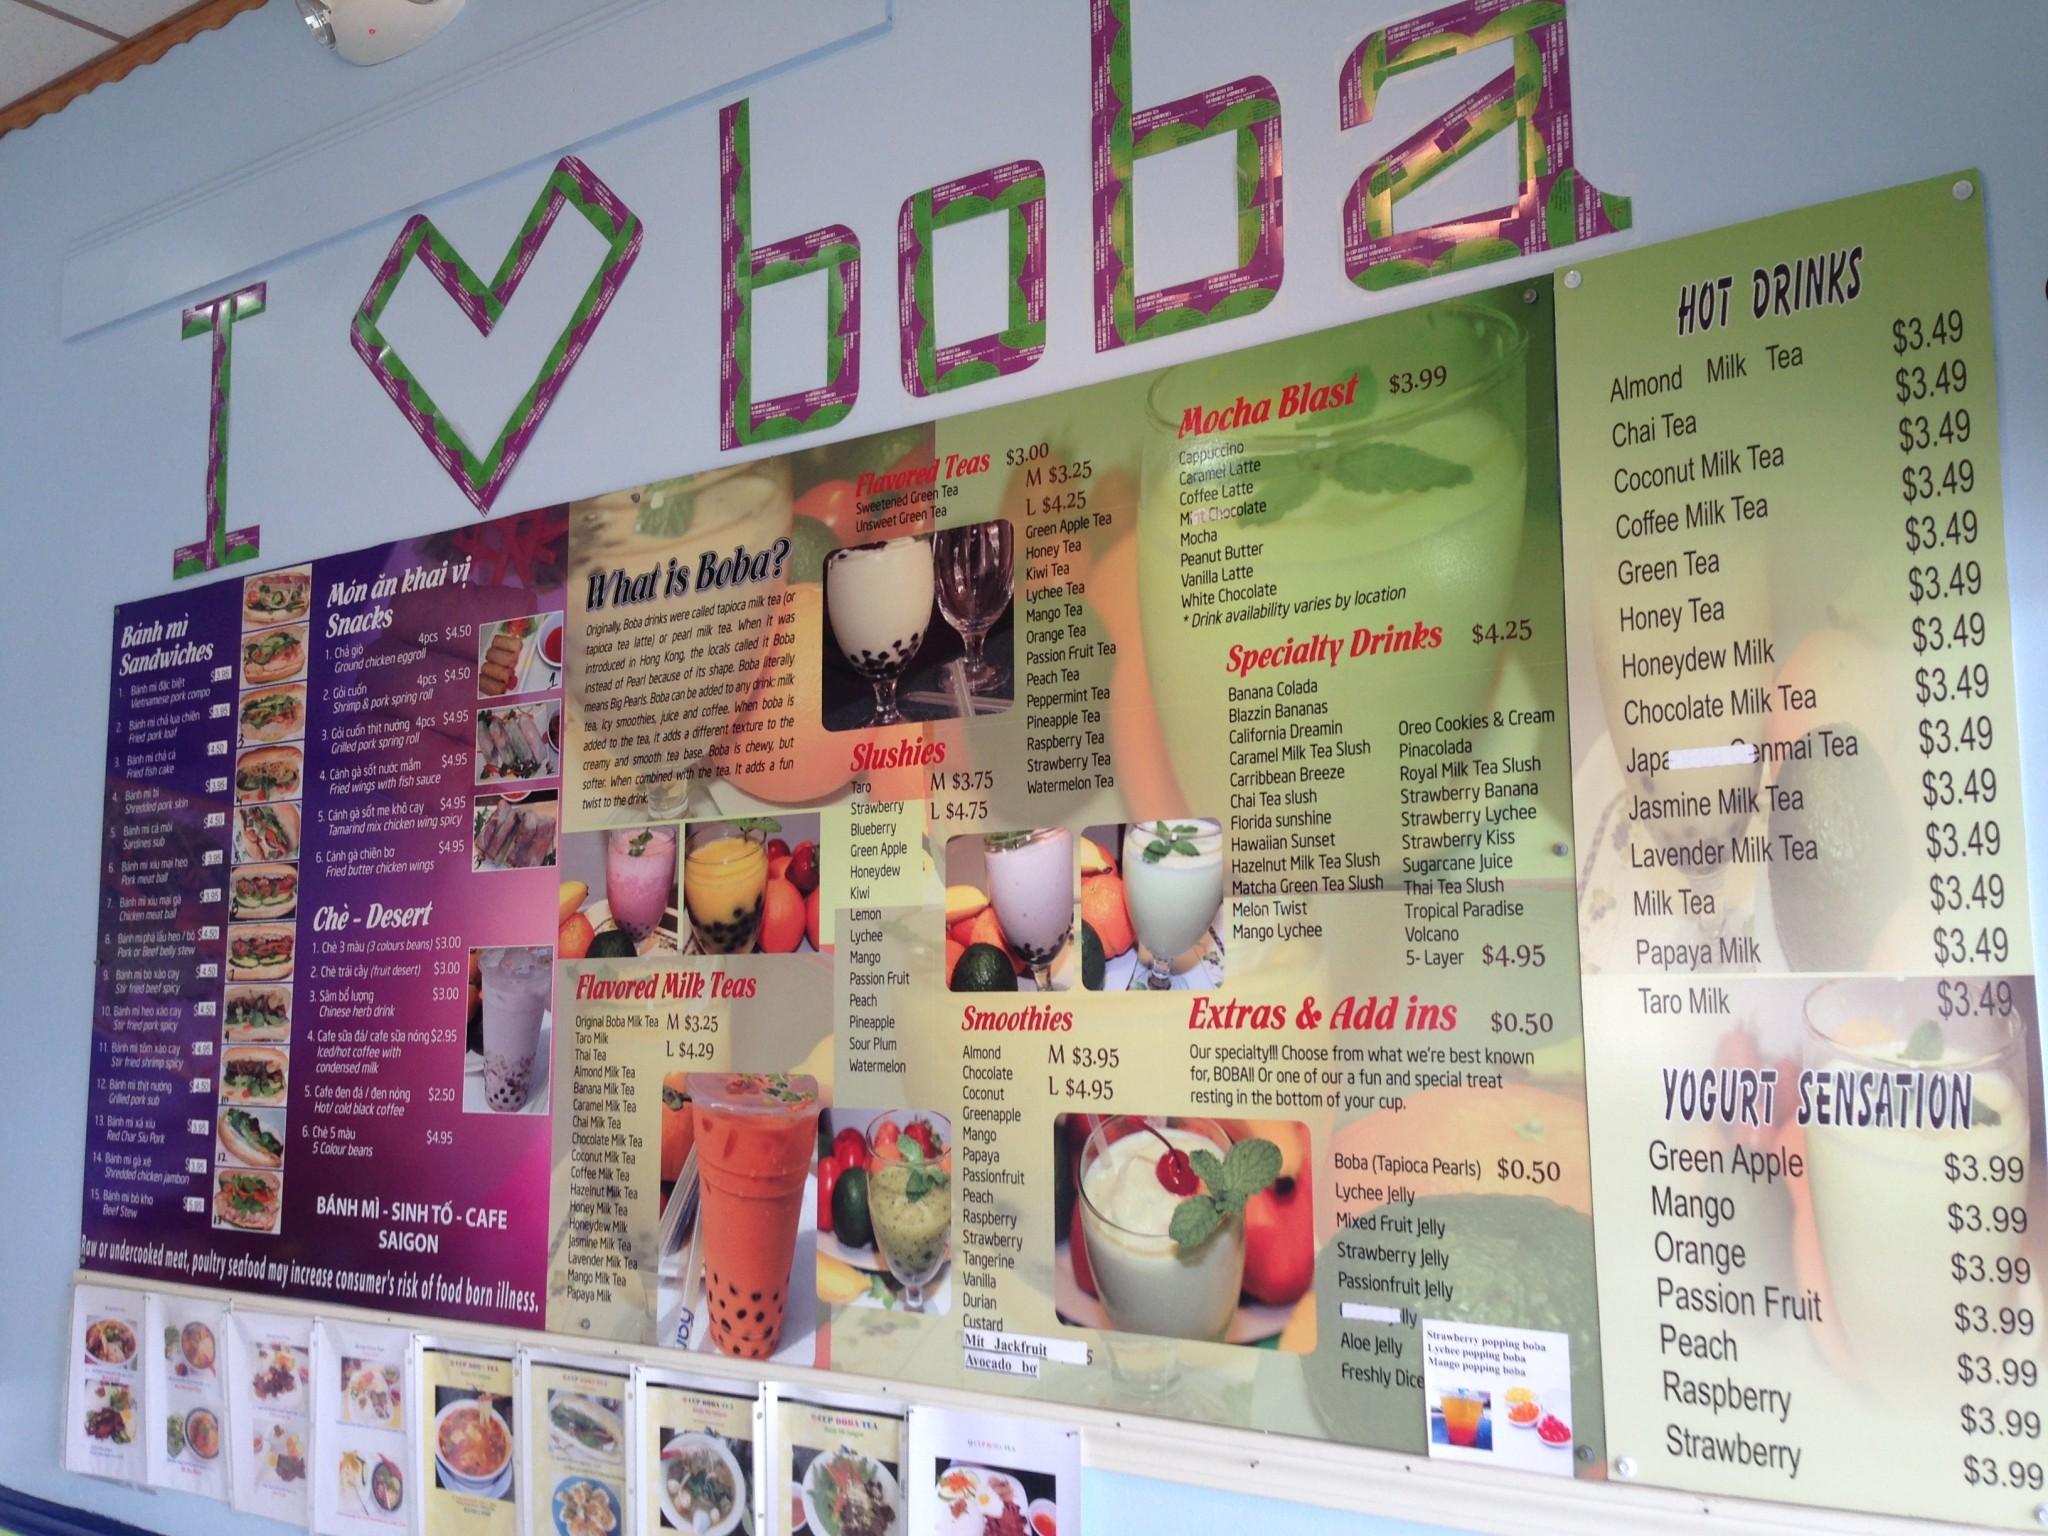 Cup Boba Tea - ... Q Cup